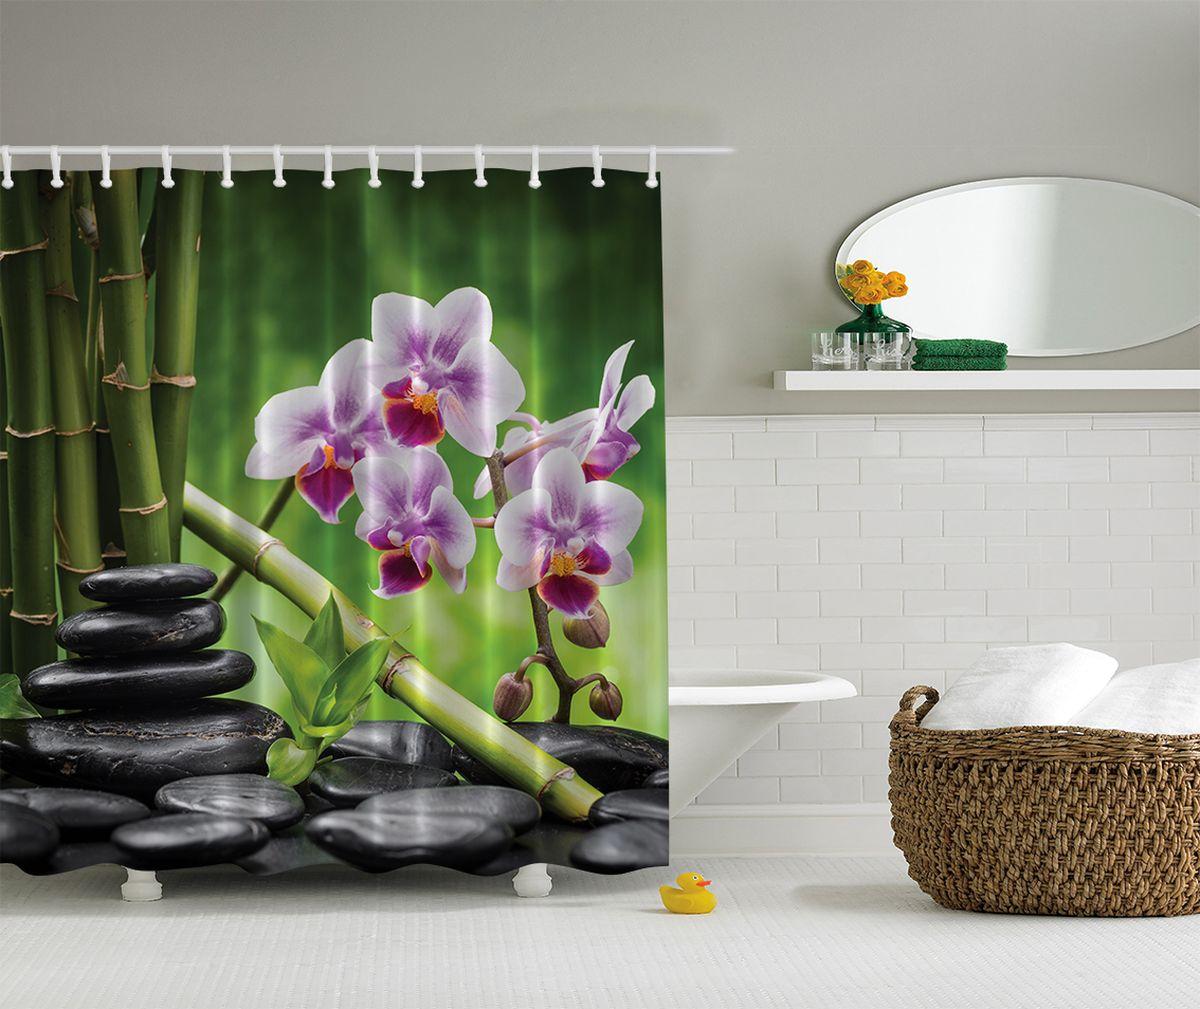 Штора для ванной комнаты Magic Lady Стиль Фен-шуй, 180 х 200 см31412Штора Magic Lady Стиль Фен-шуй, изготовленная из высококачественного сатена (полиэстер 100%), отлично дополнит любой интерьер ванной комнаты. При изготовлении используются специальные гипоаллергенные чернила для прямой печати по ткани, безопасные для человека.В комплекте: 1 штора, 12 крючков. Обращаем ваше внимание, фактический цвет изделия может незначительно отличаться от представленного на фото.